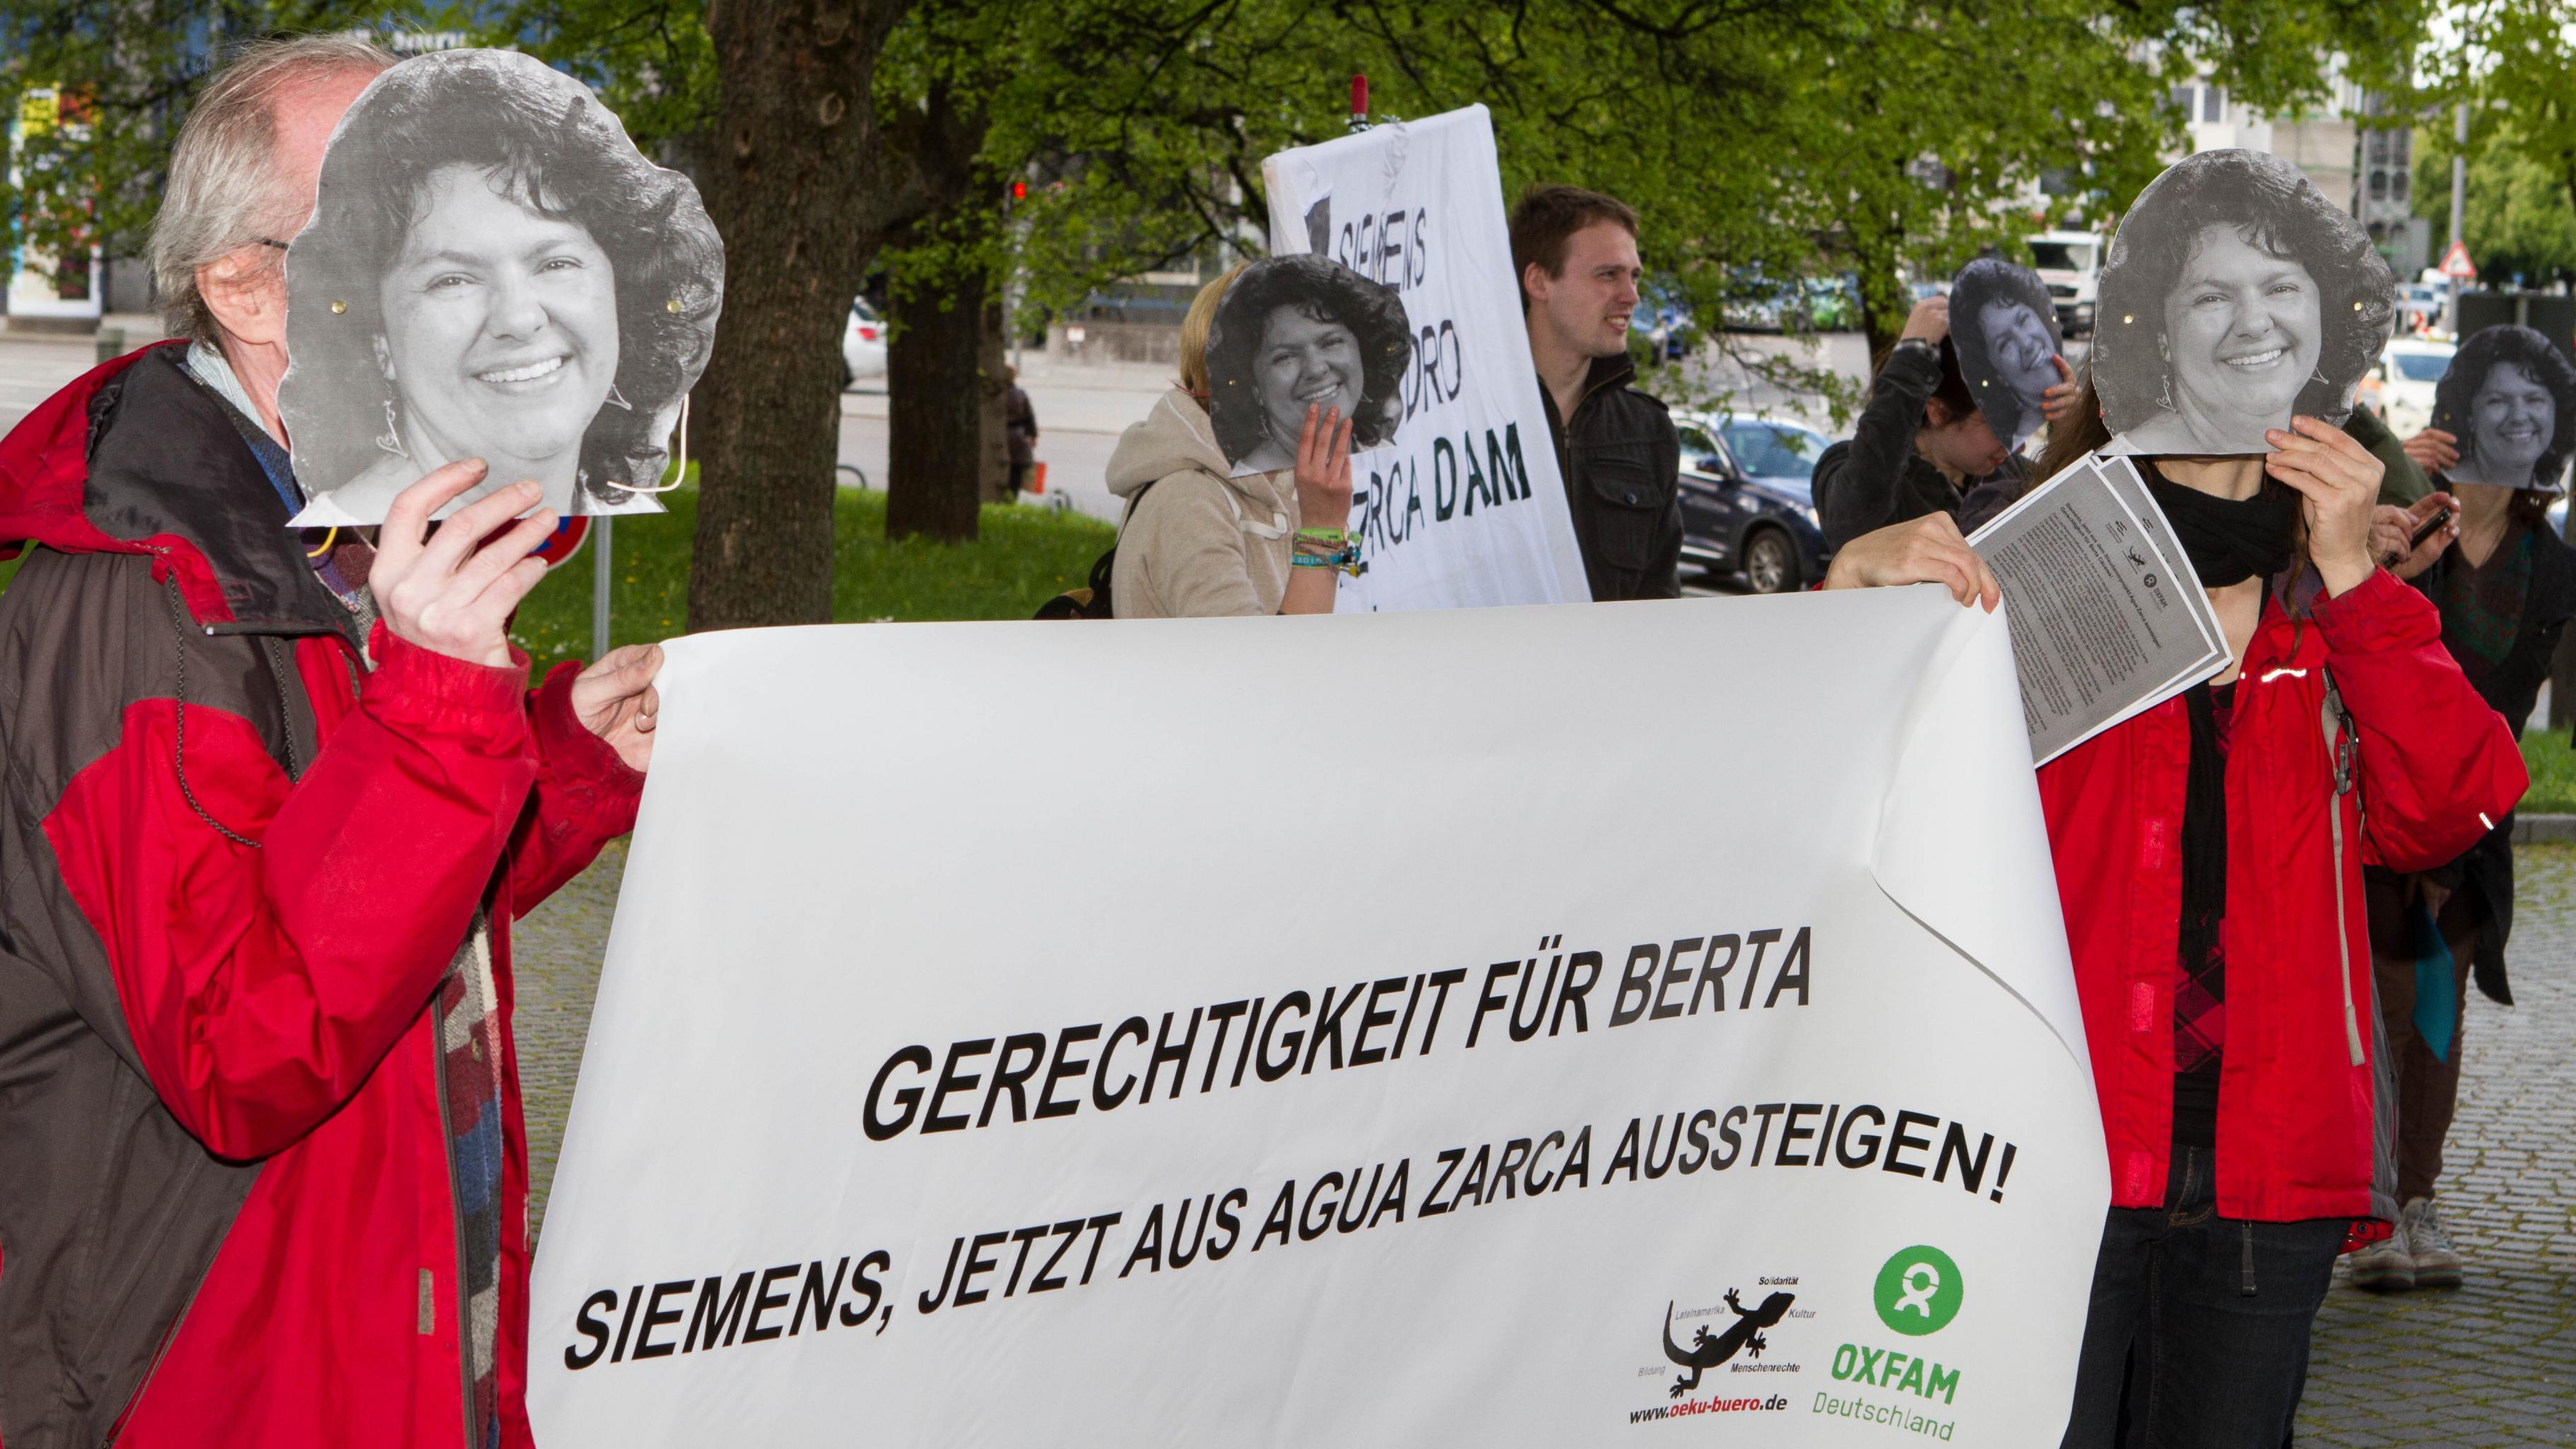 """Demonstrant/innen halten Fotos der ermordeten Berta Cáceres und ein Transparent mit der Aufschrift """"Gerechtigkeit für Berta: Siemens, jetzt aus Agua Zarca aussteigen!"""""""